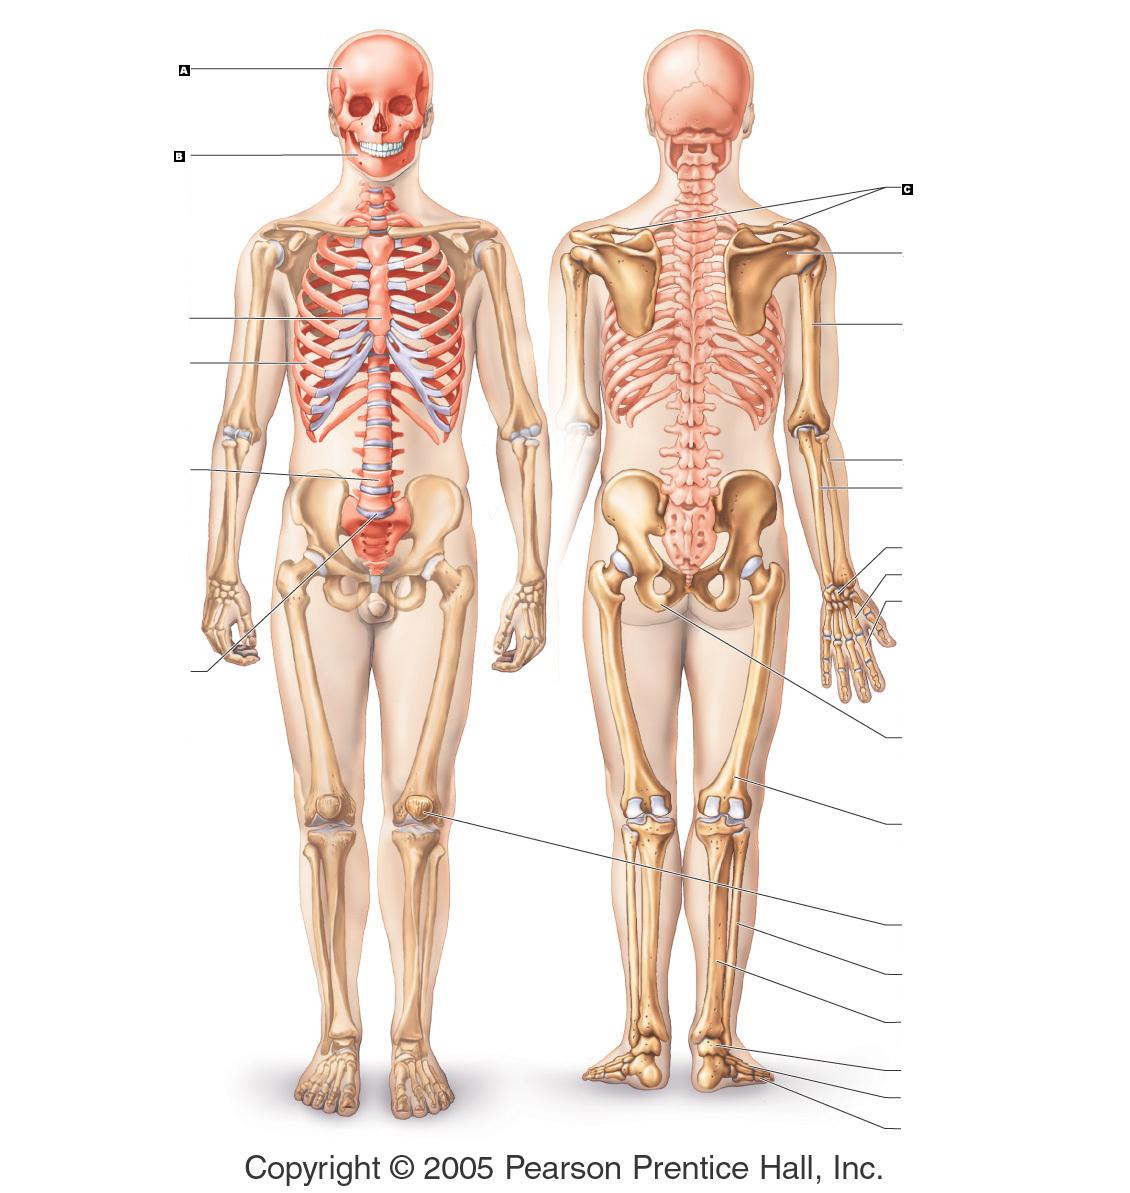 skeletal system acrostic poem - ModernHeal.com